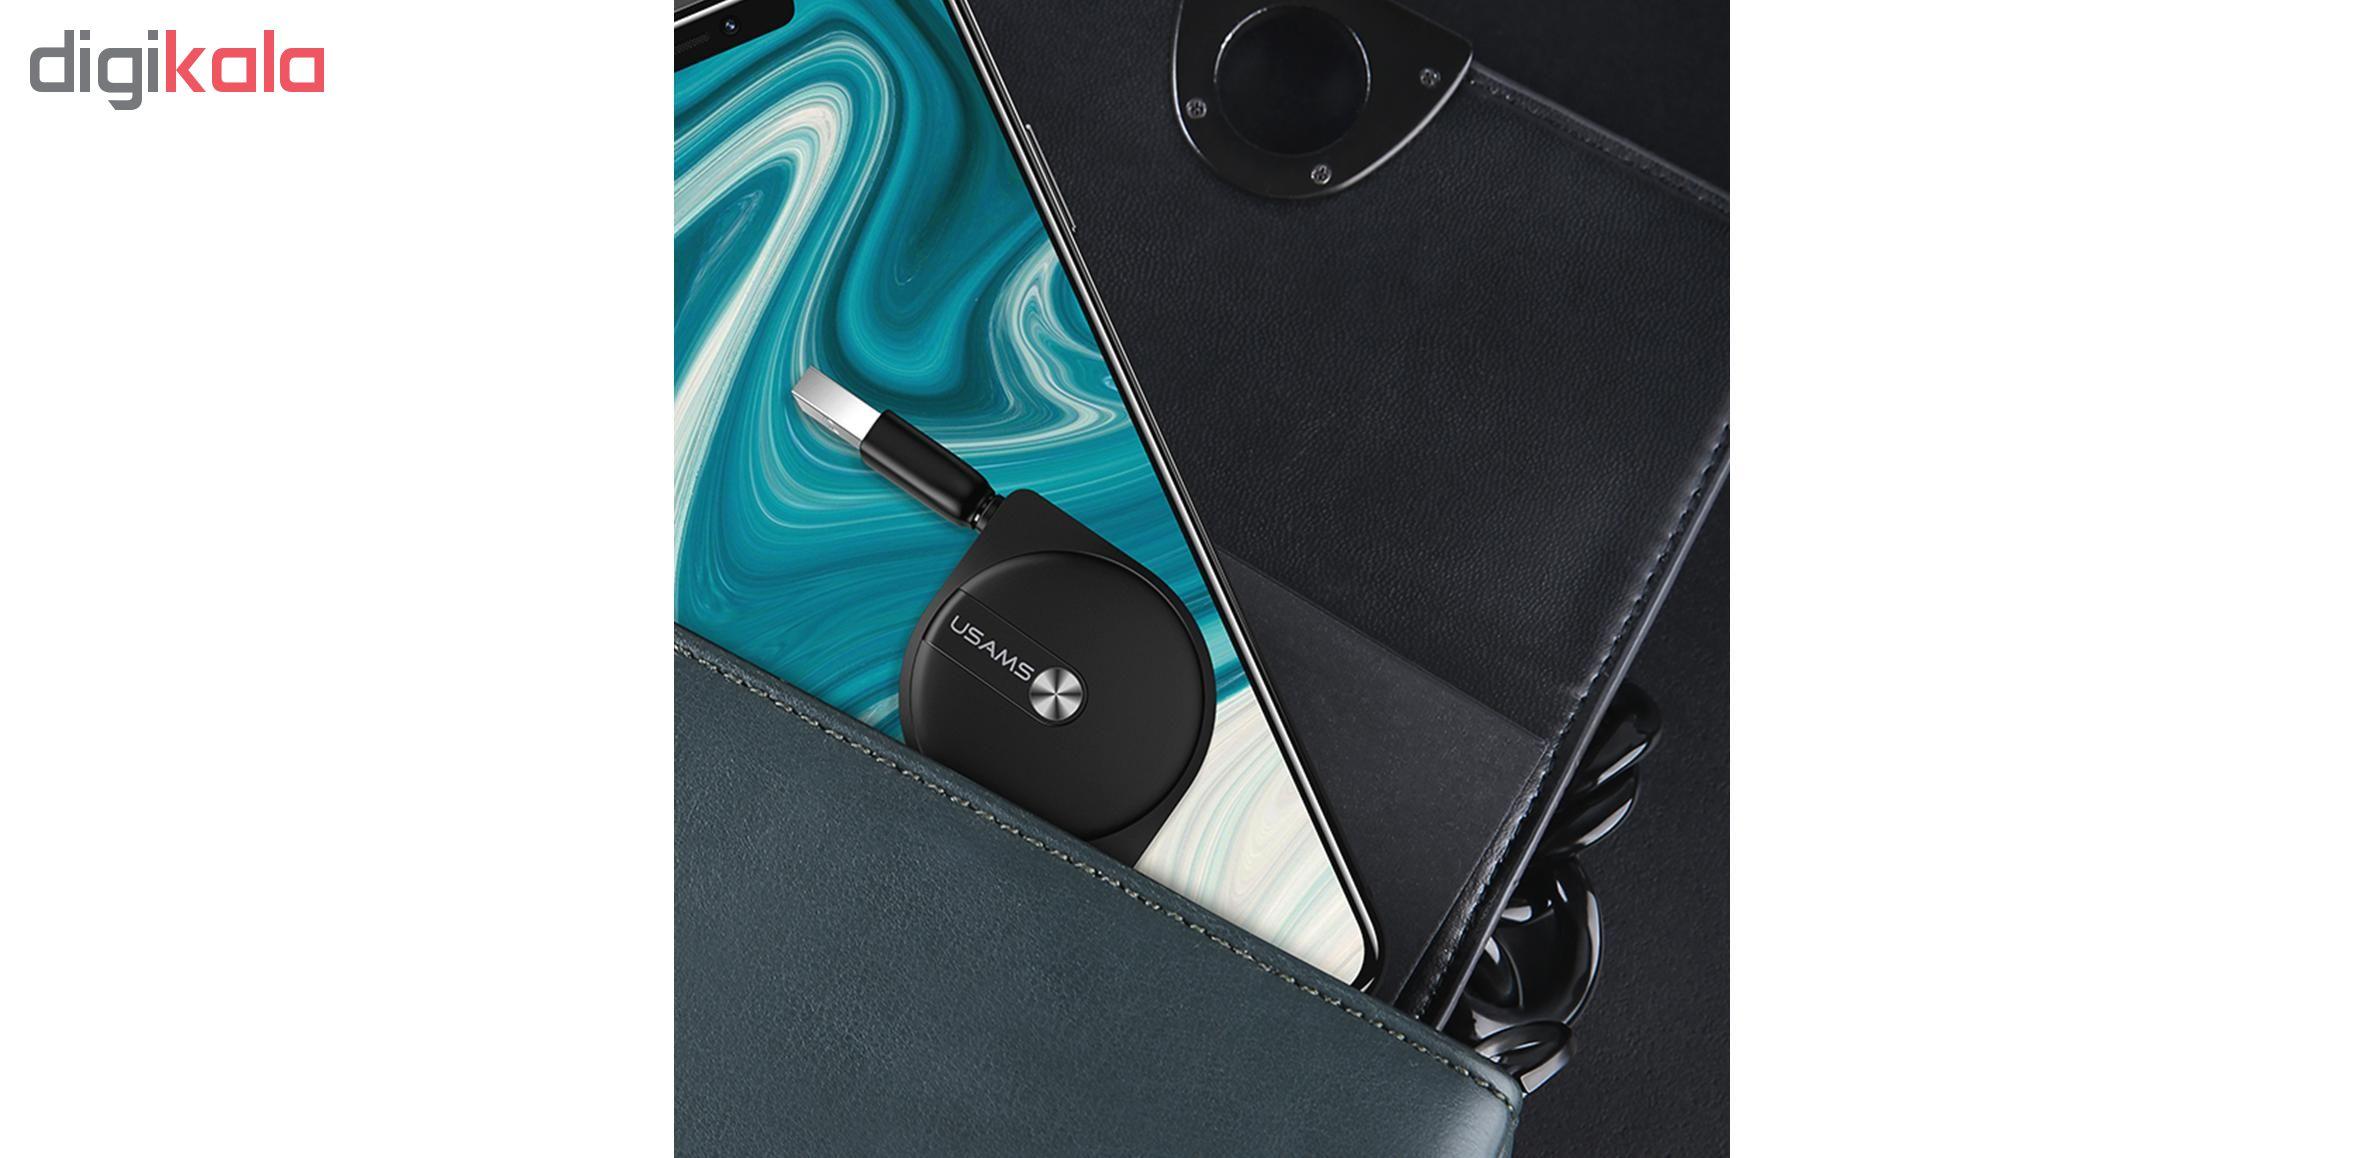 کابل تبدیل USB به لایتنینگ/ micro USB /USB-C یوسمز مدل US-SJ263 طول 1 متر main 1 16